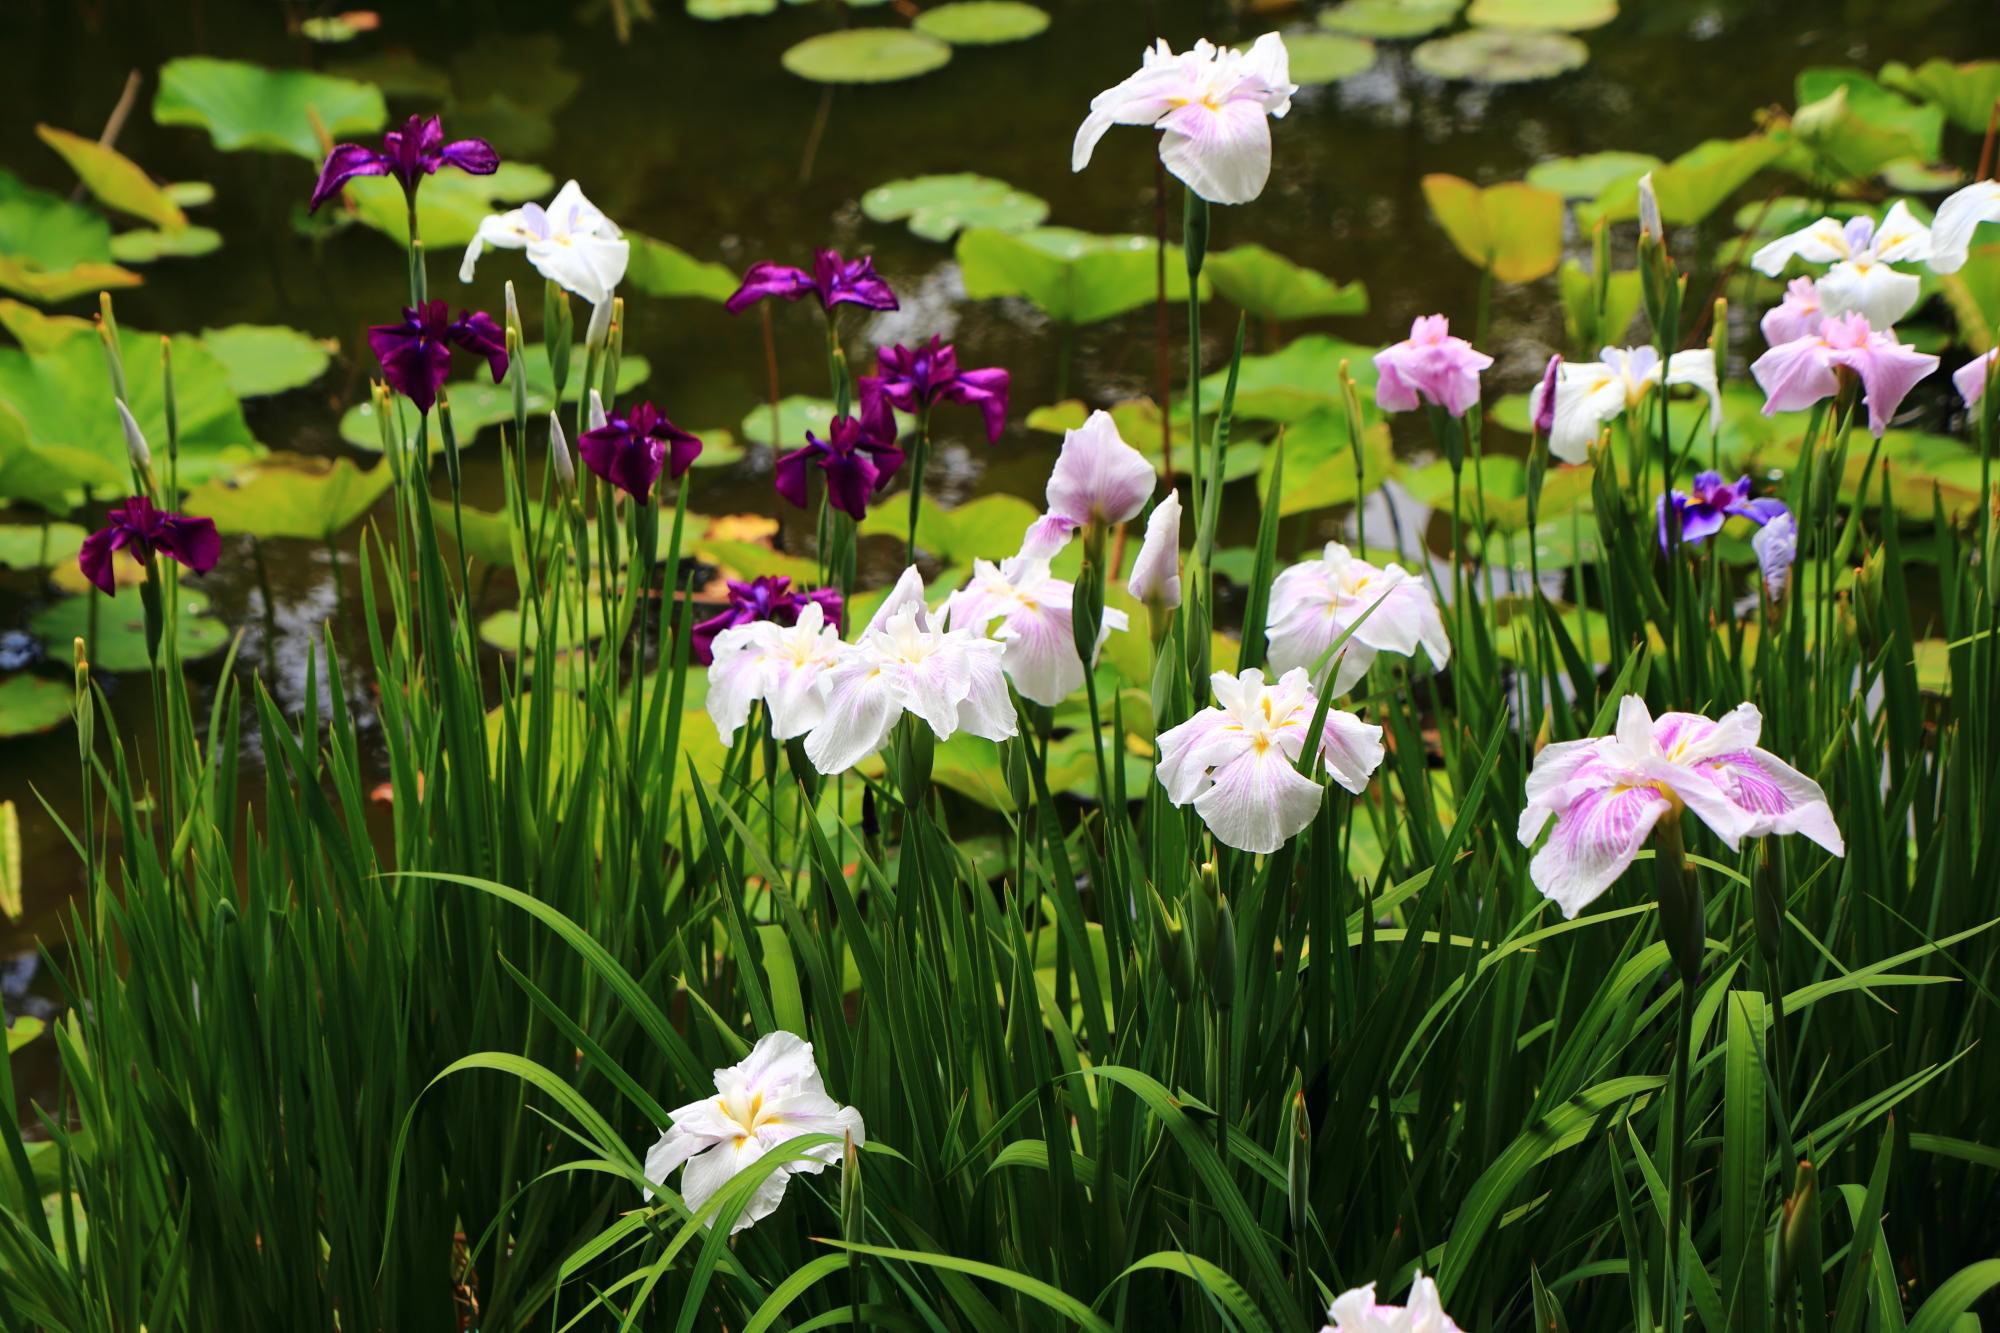 色とりどりの花菖蒲につつまれる初夏の氷室池